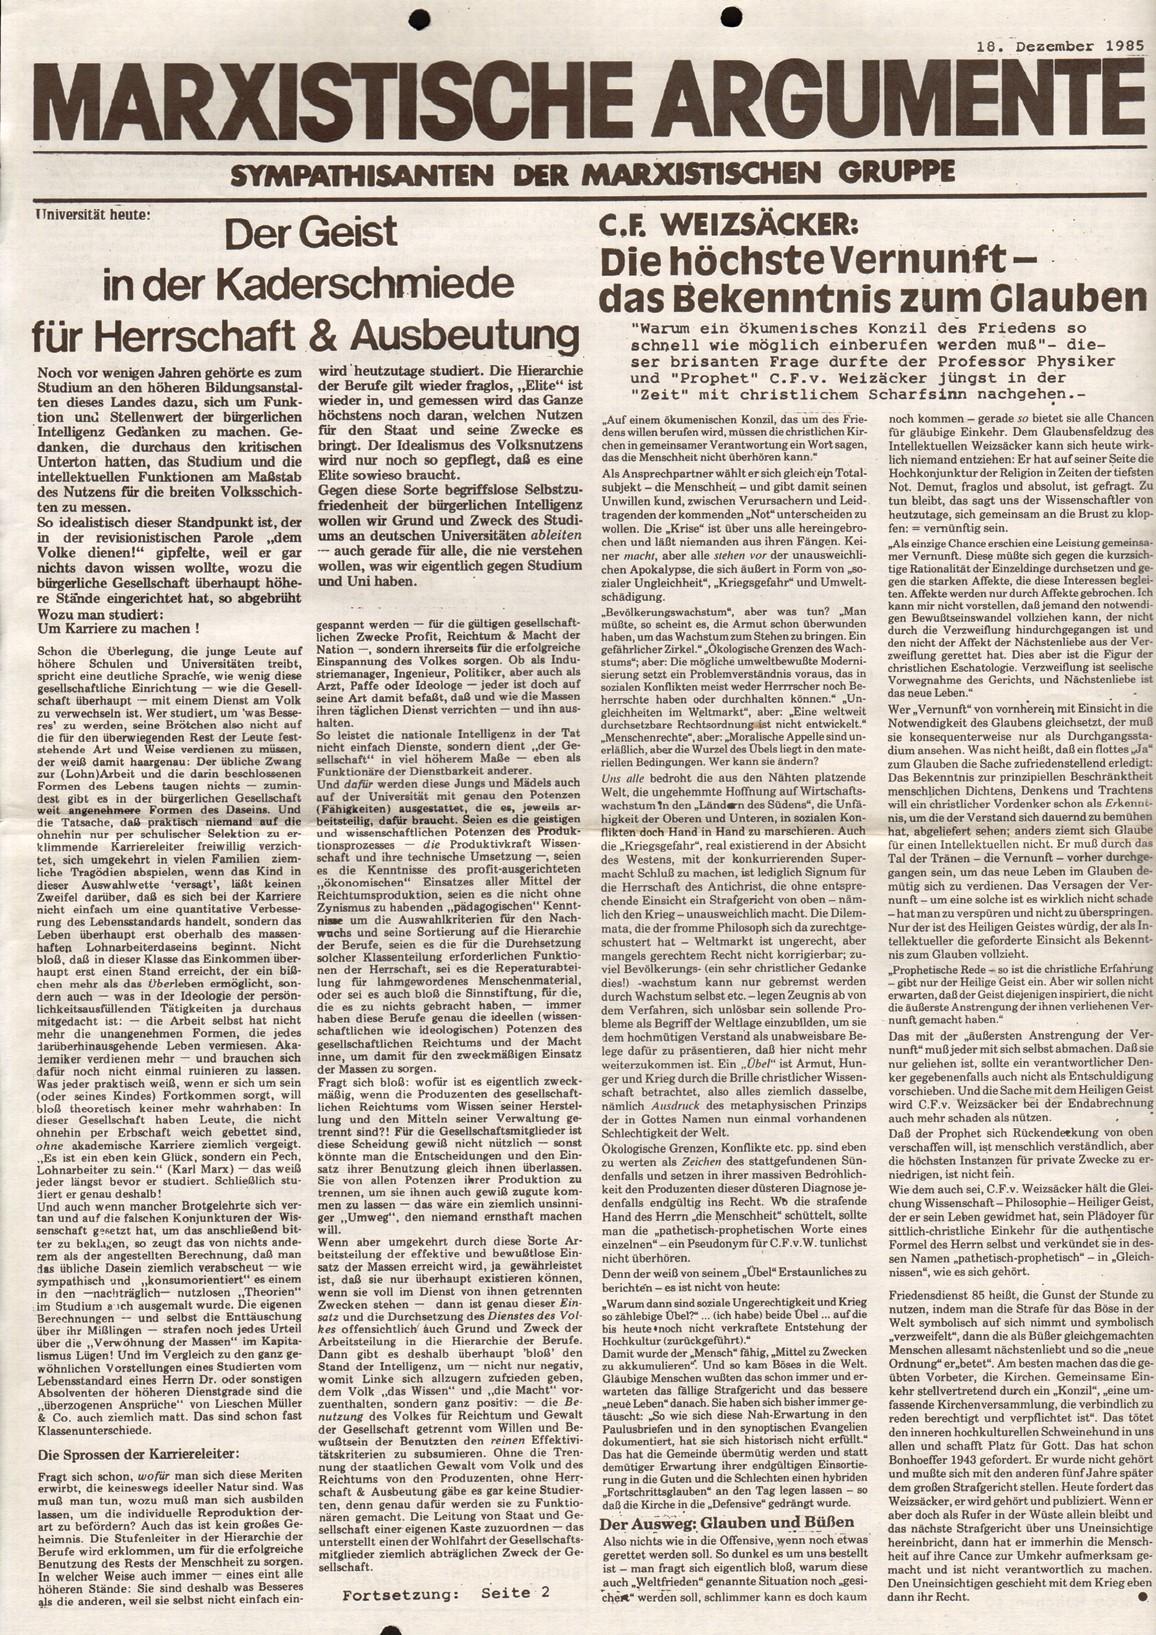 Berlin_MG_Symp_Argumente_19851218_01